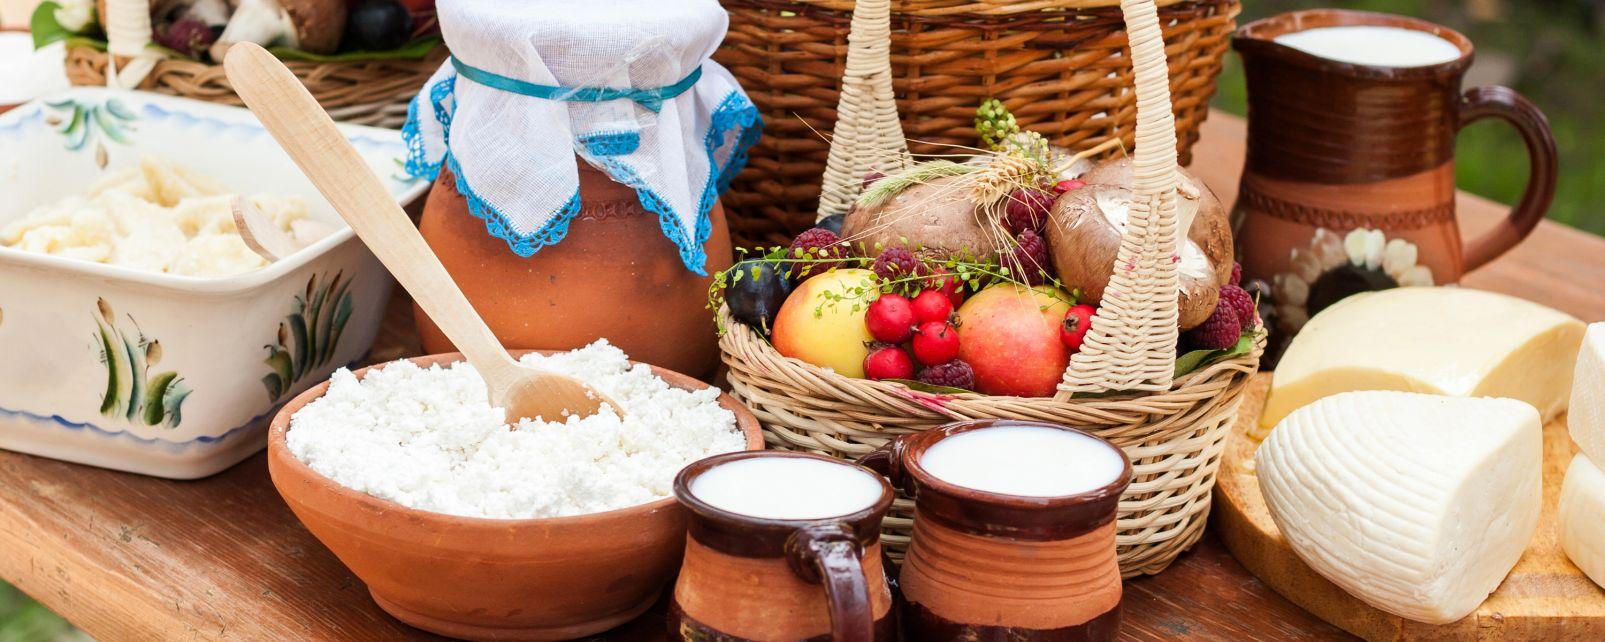 Les traditions, marché, folklore, royaume-uni, iles, anglo-normandes, ile, viaer marchi, lait, produit laitier, fromage, crème